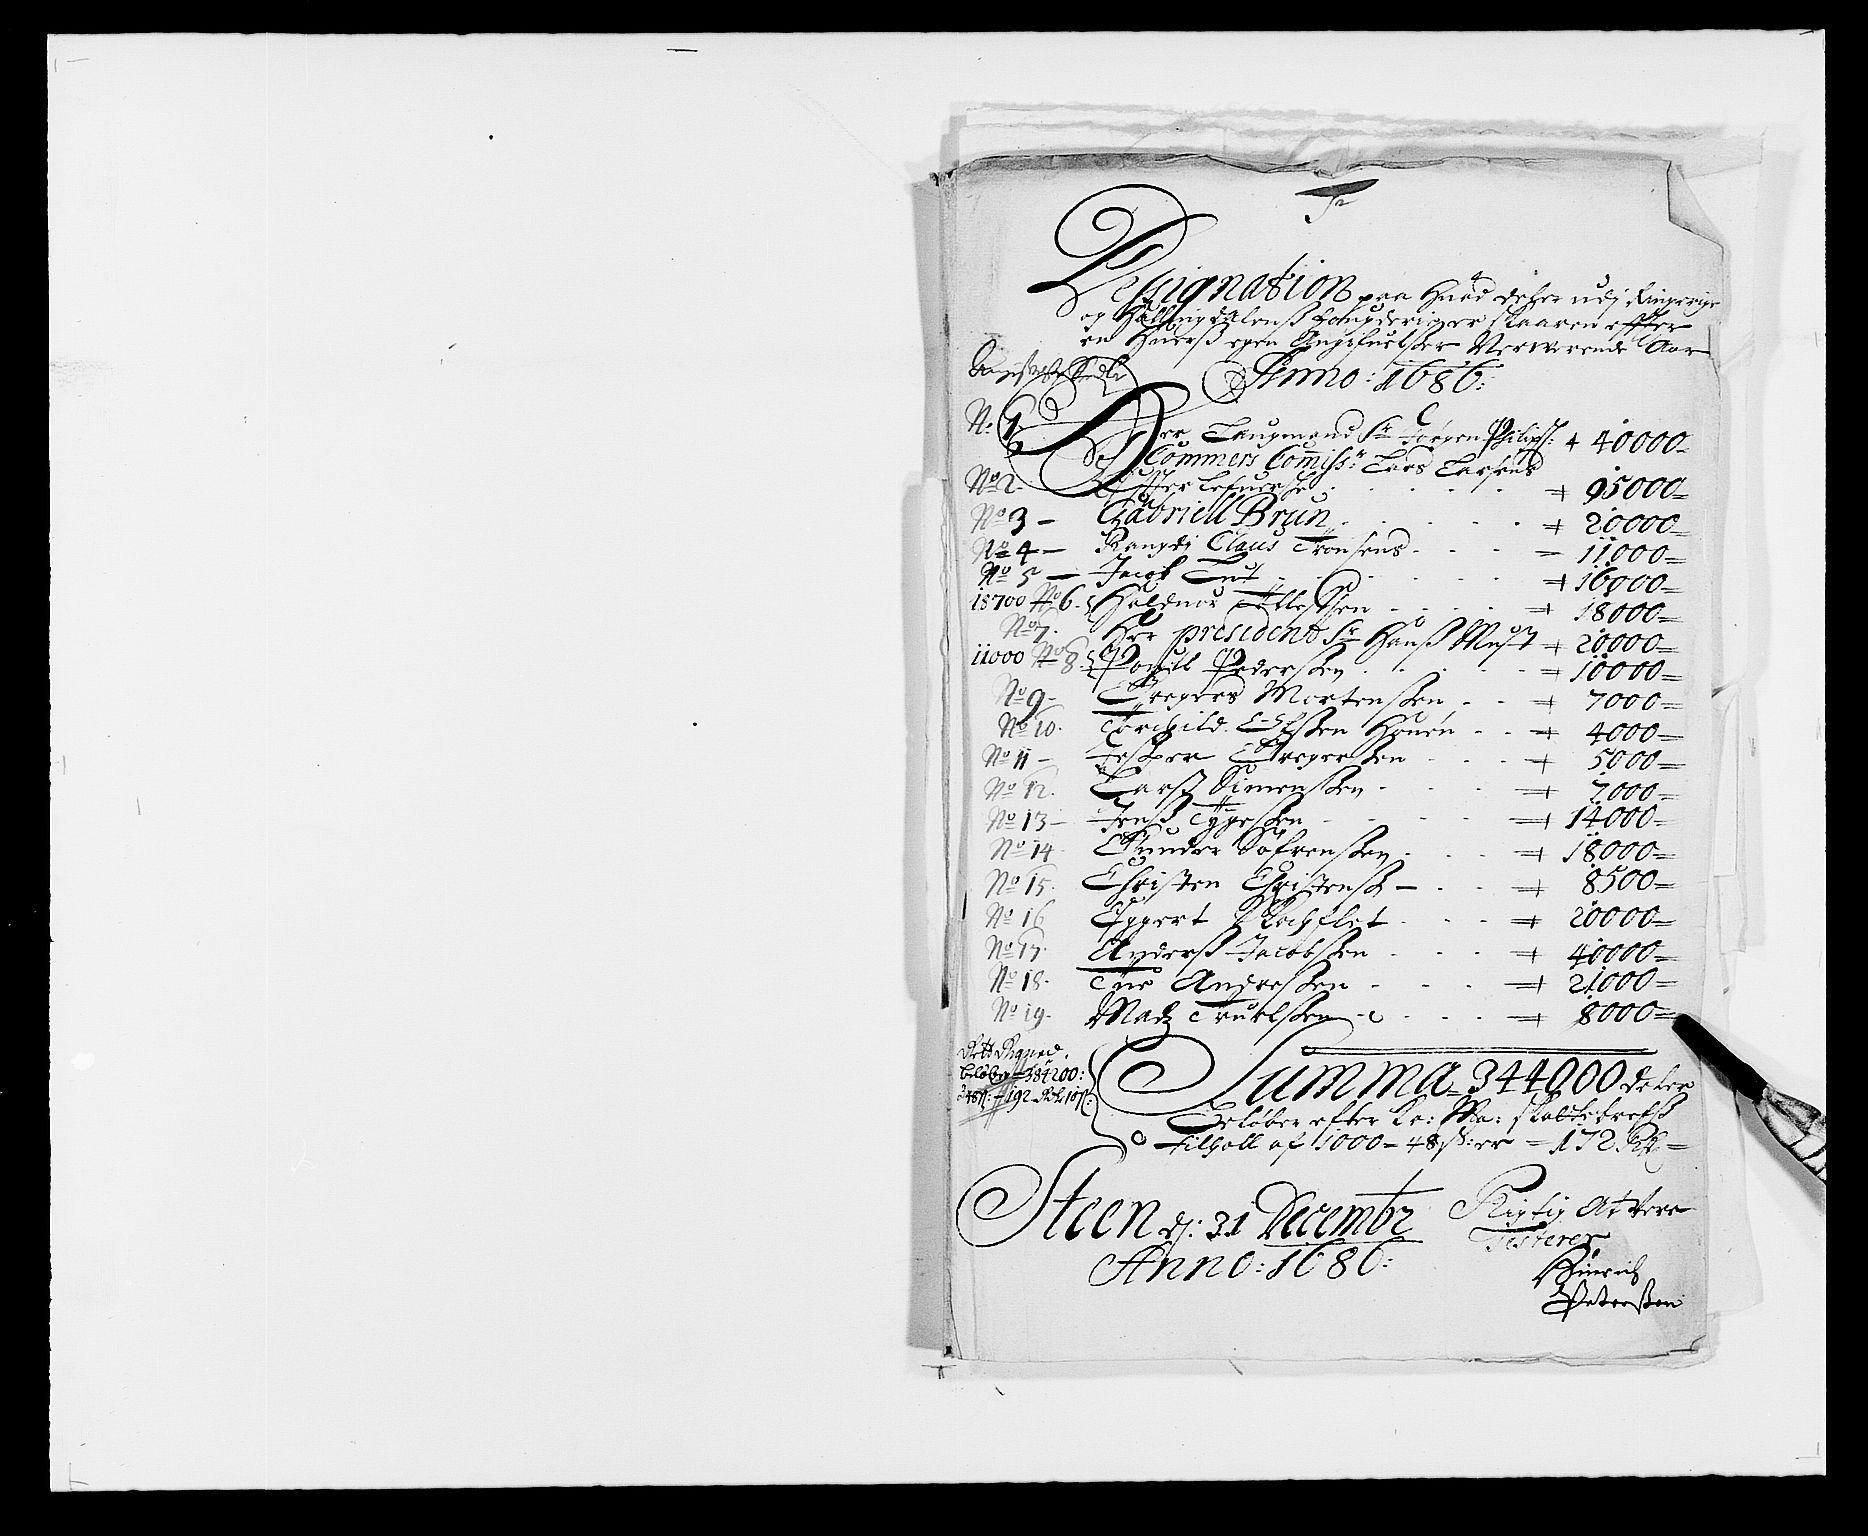 RA, Rentekammeret inntil 1814, Reviderte regnskaper, Fogderegnskap, R21/L1446: Fogderegnskap Ringerike og Hallingdal, 1683-1686, s. 472